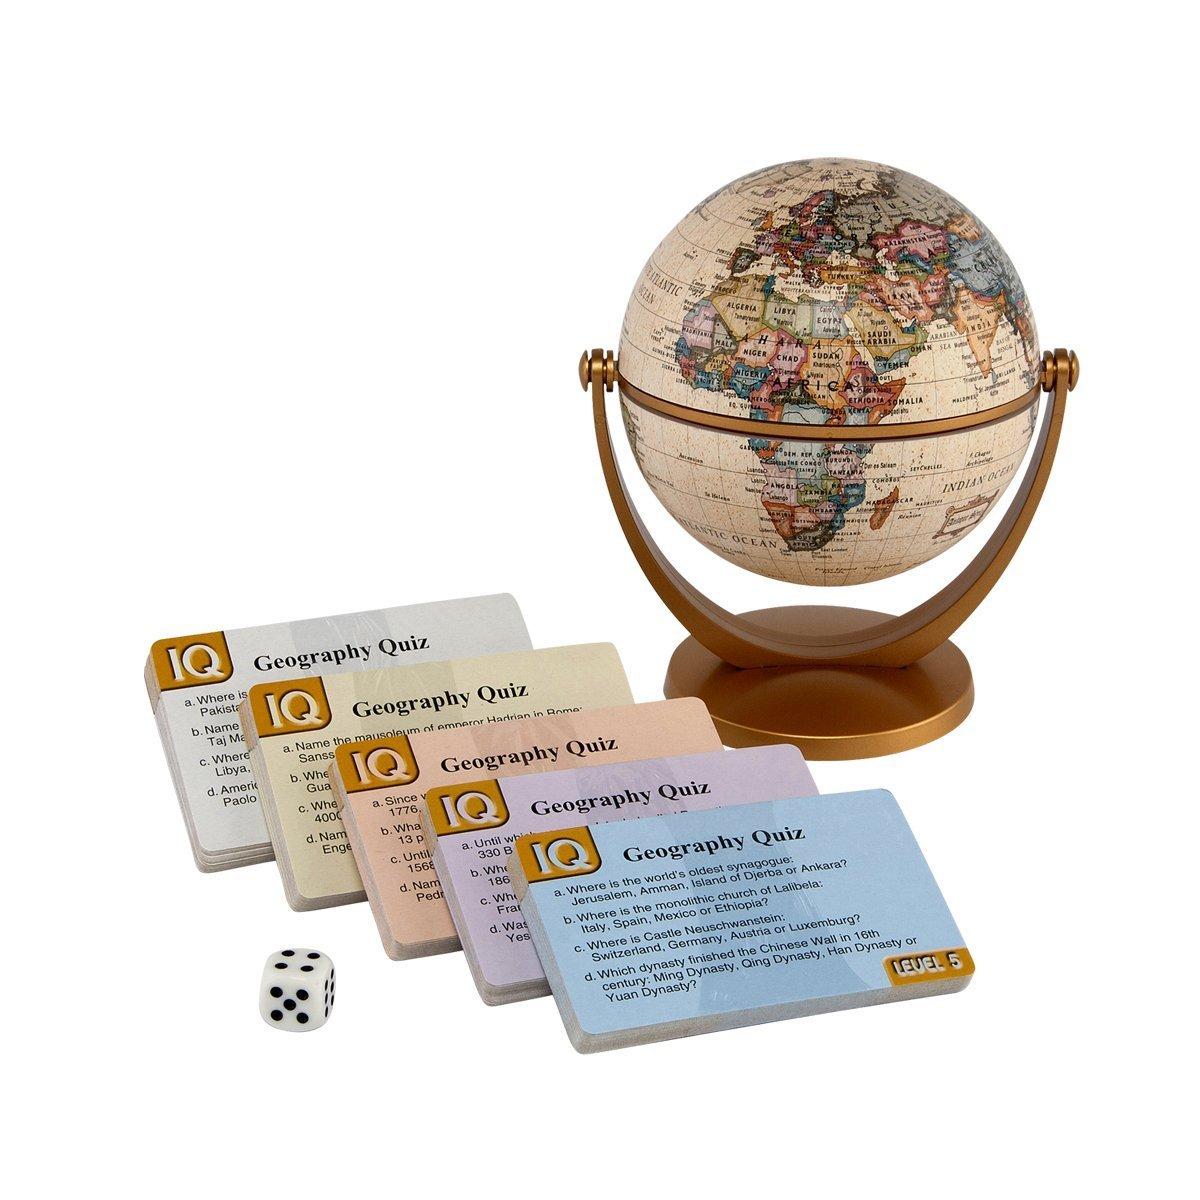 Stellanova IQ Antique Quiz Globe Game